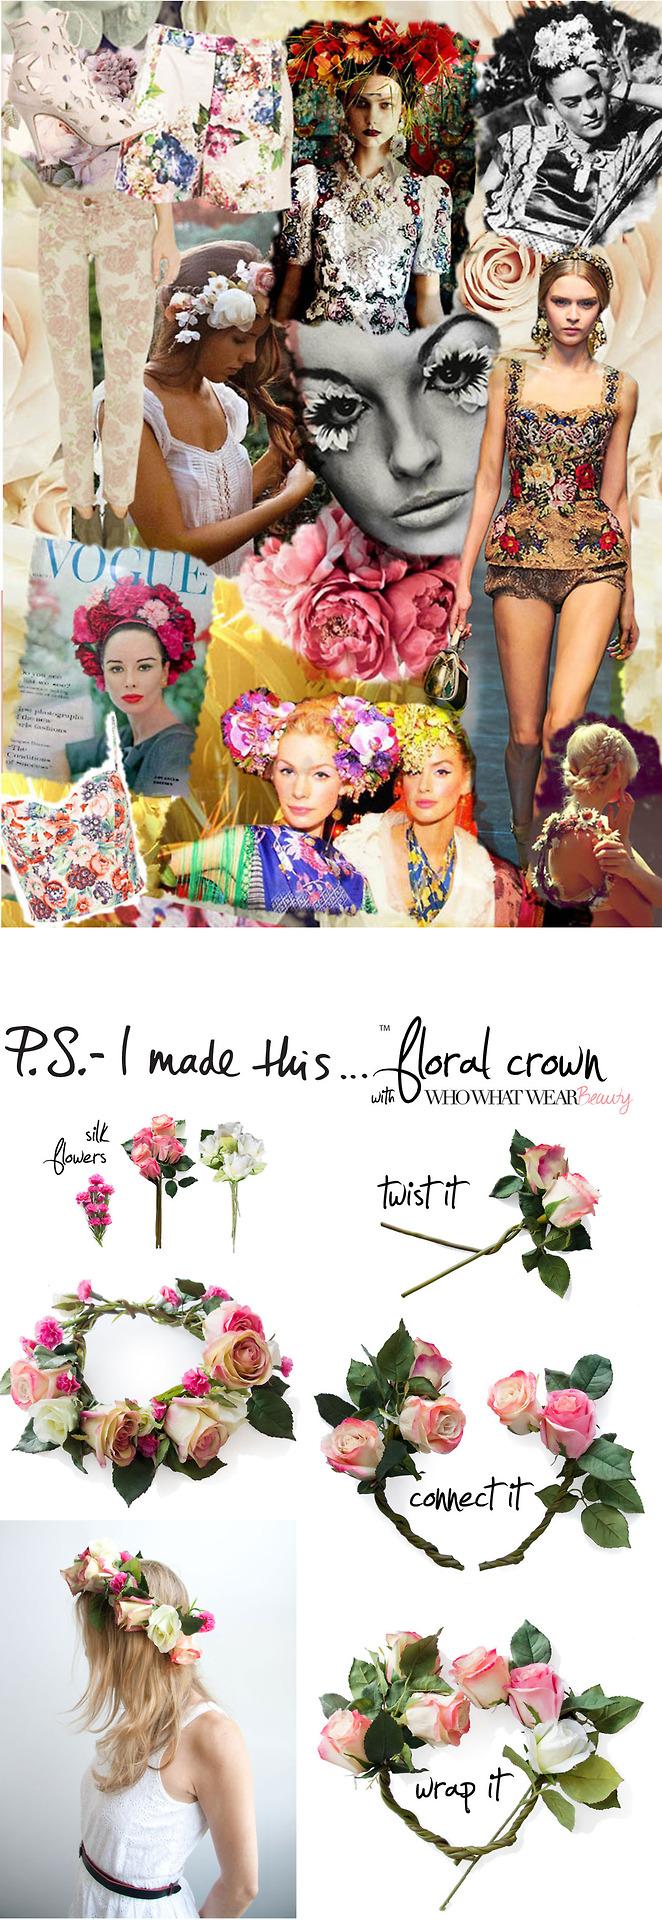 floral_crown-tumblr_MERGED